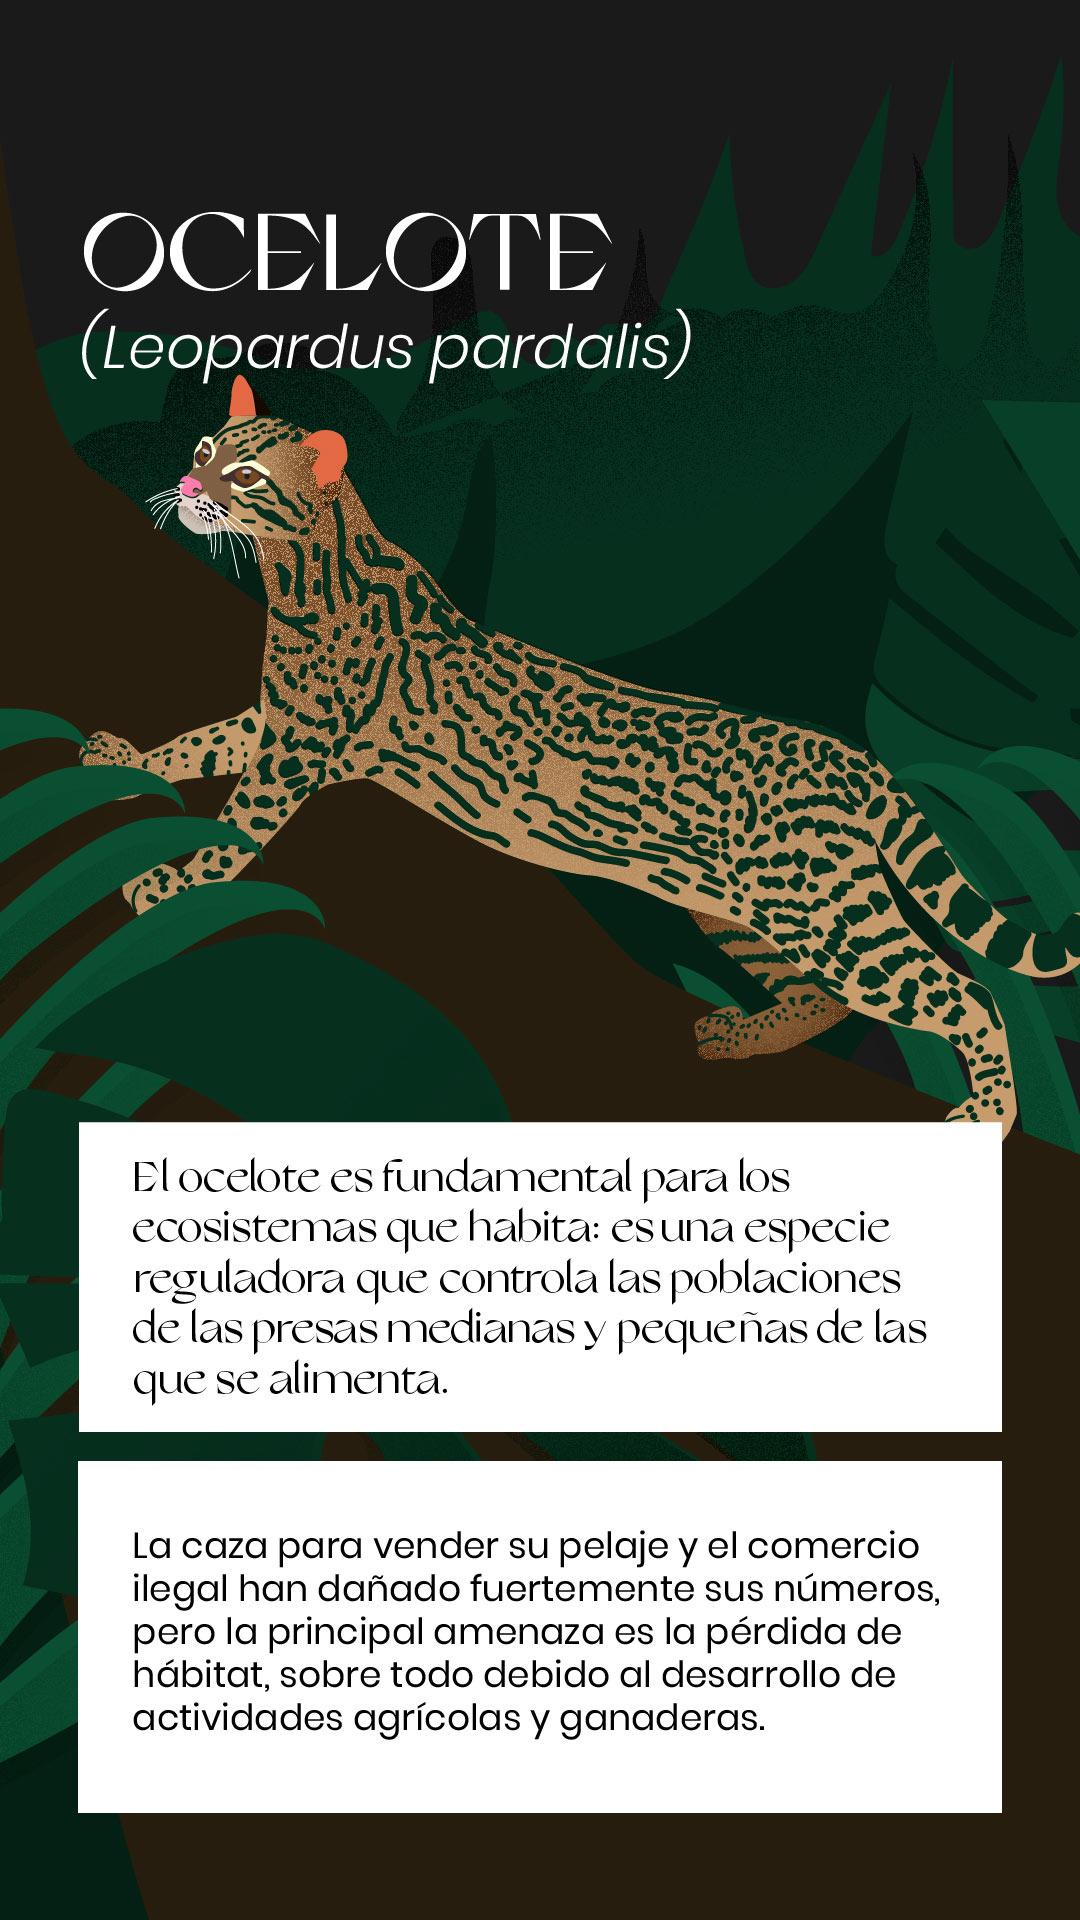 Ocelote extinción